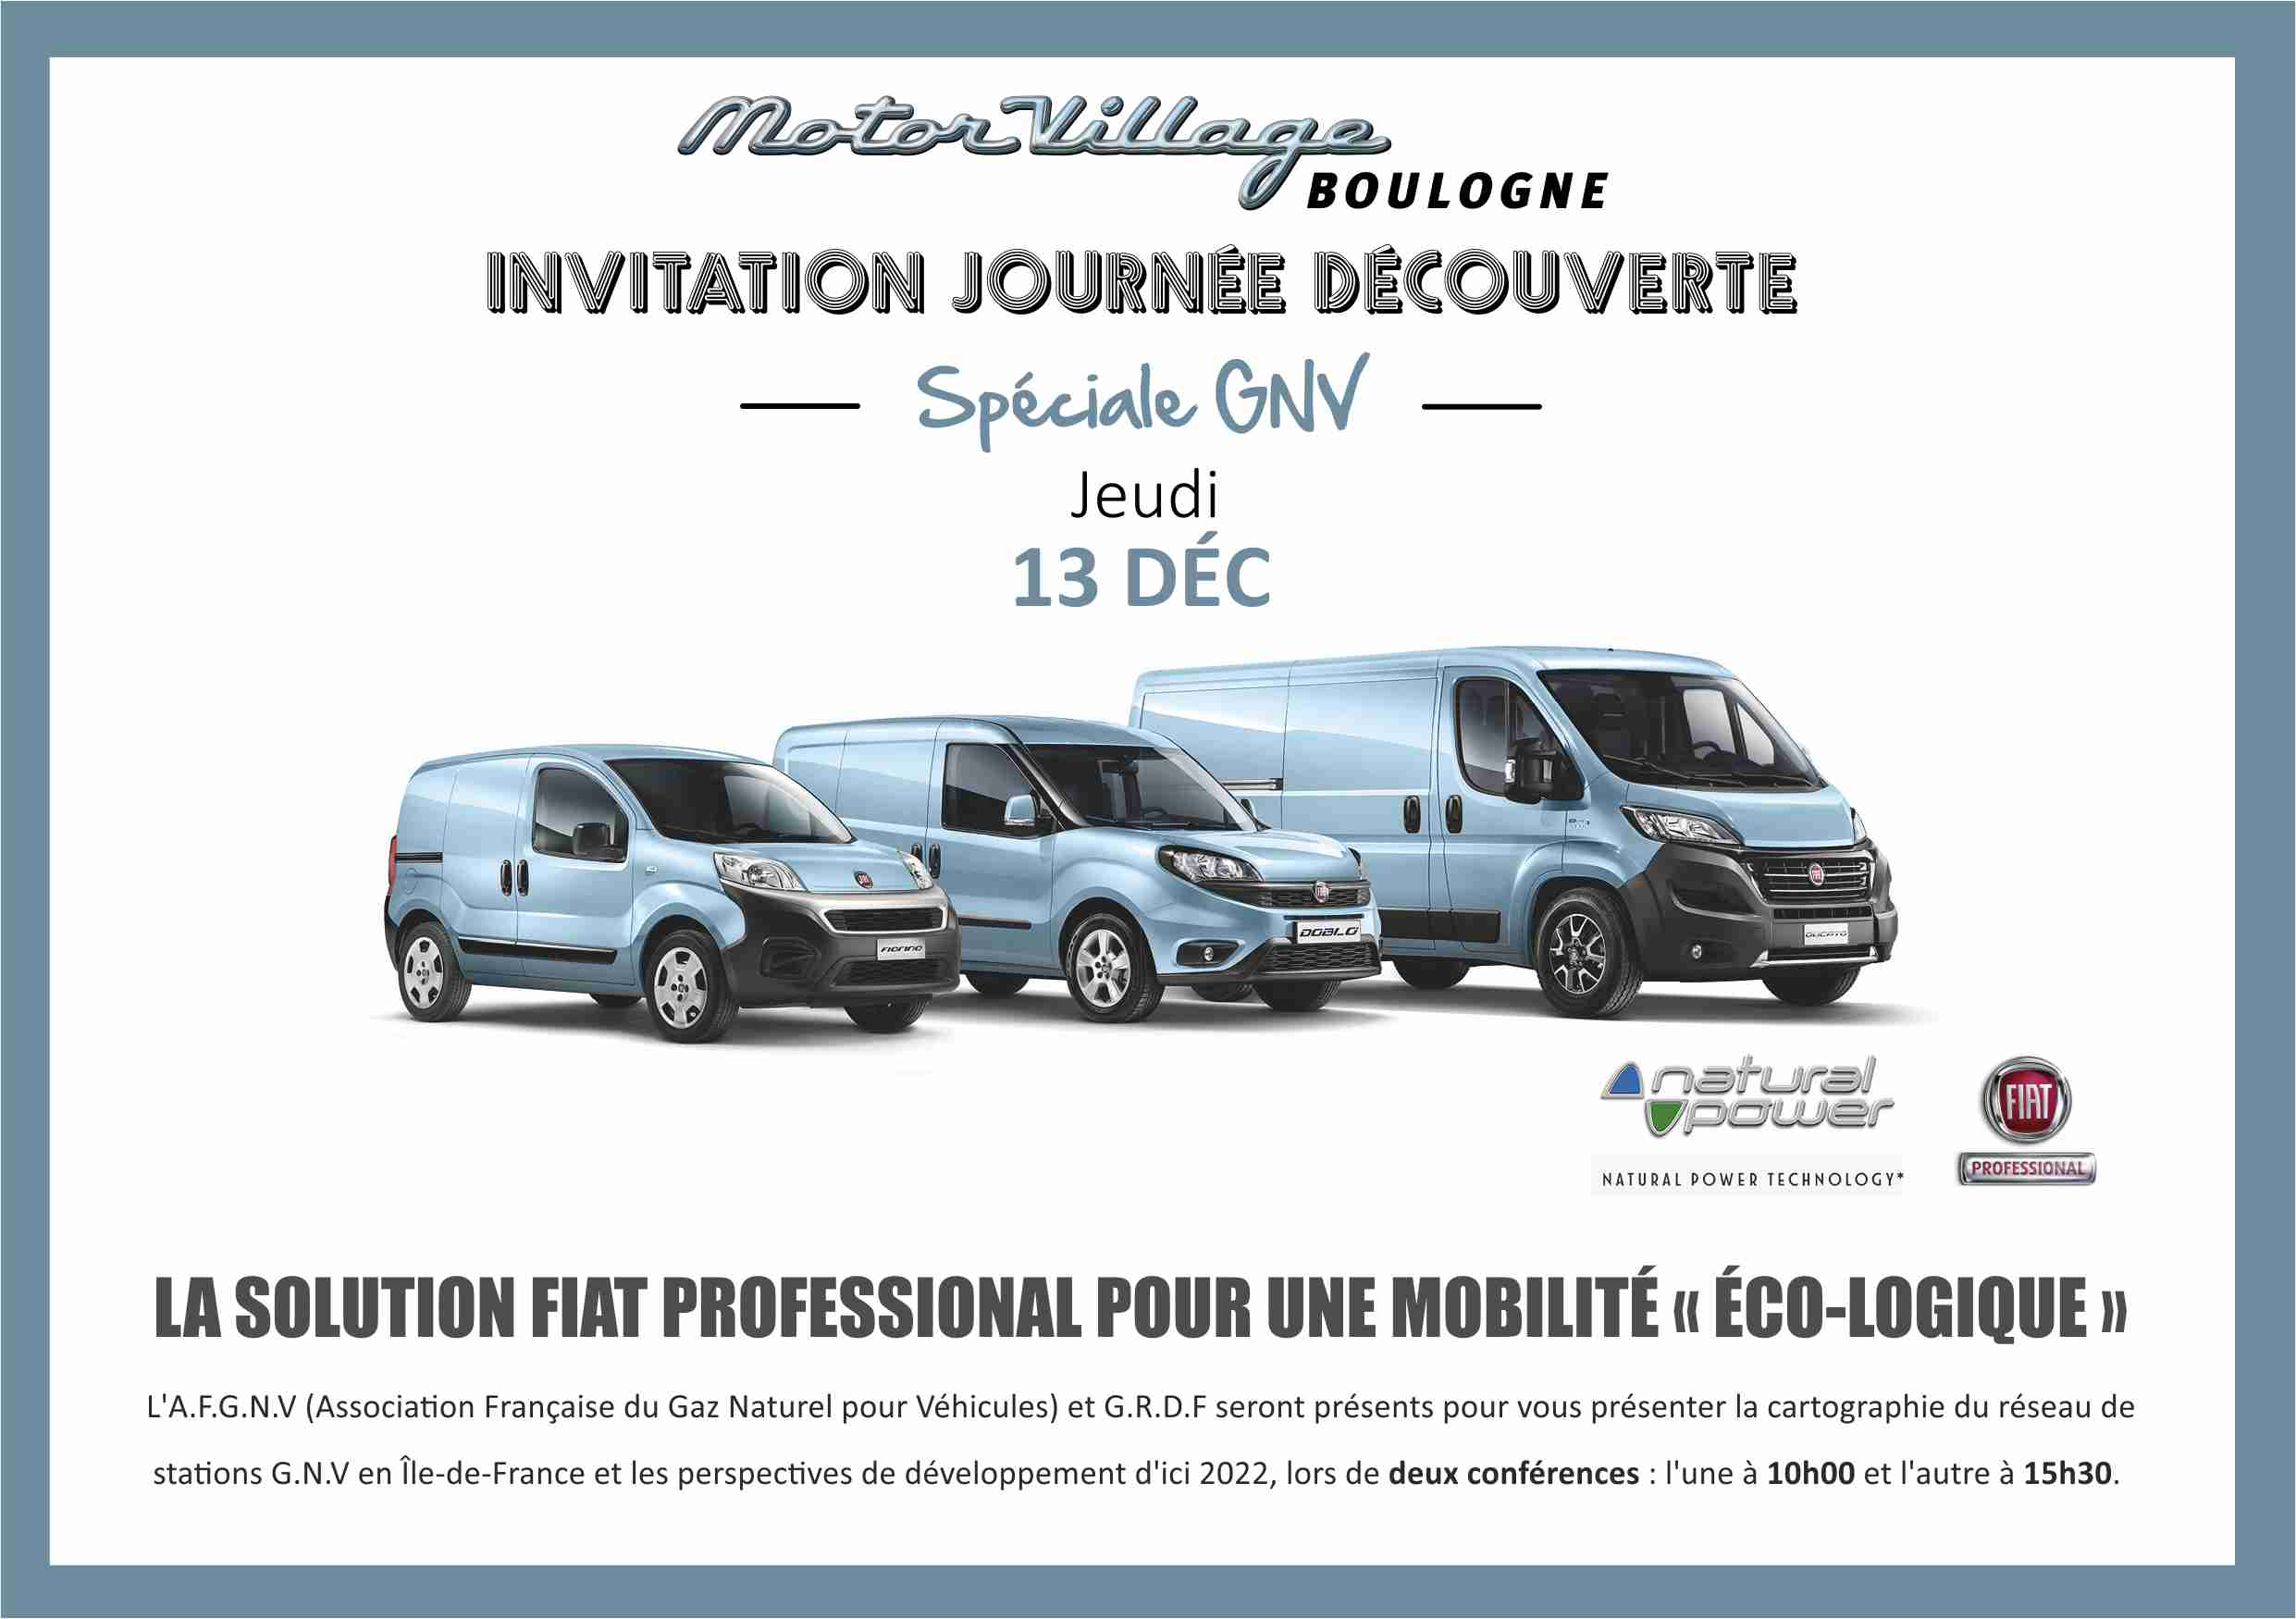 Le 13 décembre 2018, participez à la journée spéciale GNV organisée par FIAT Professsional à Boulogne (92)